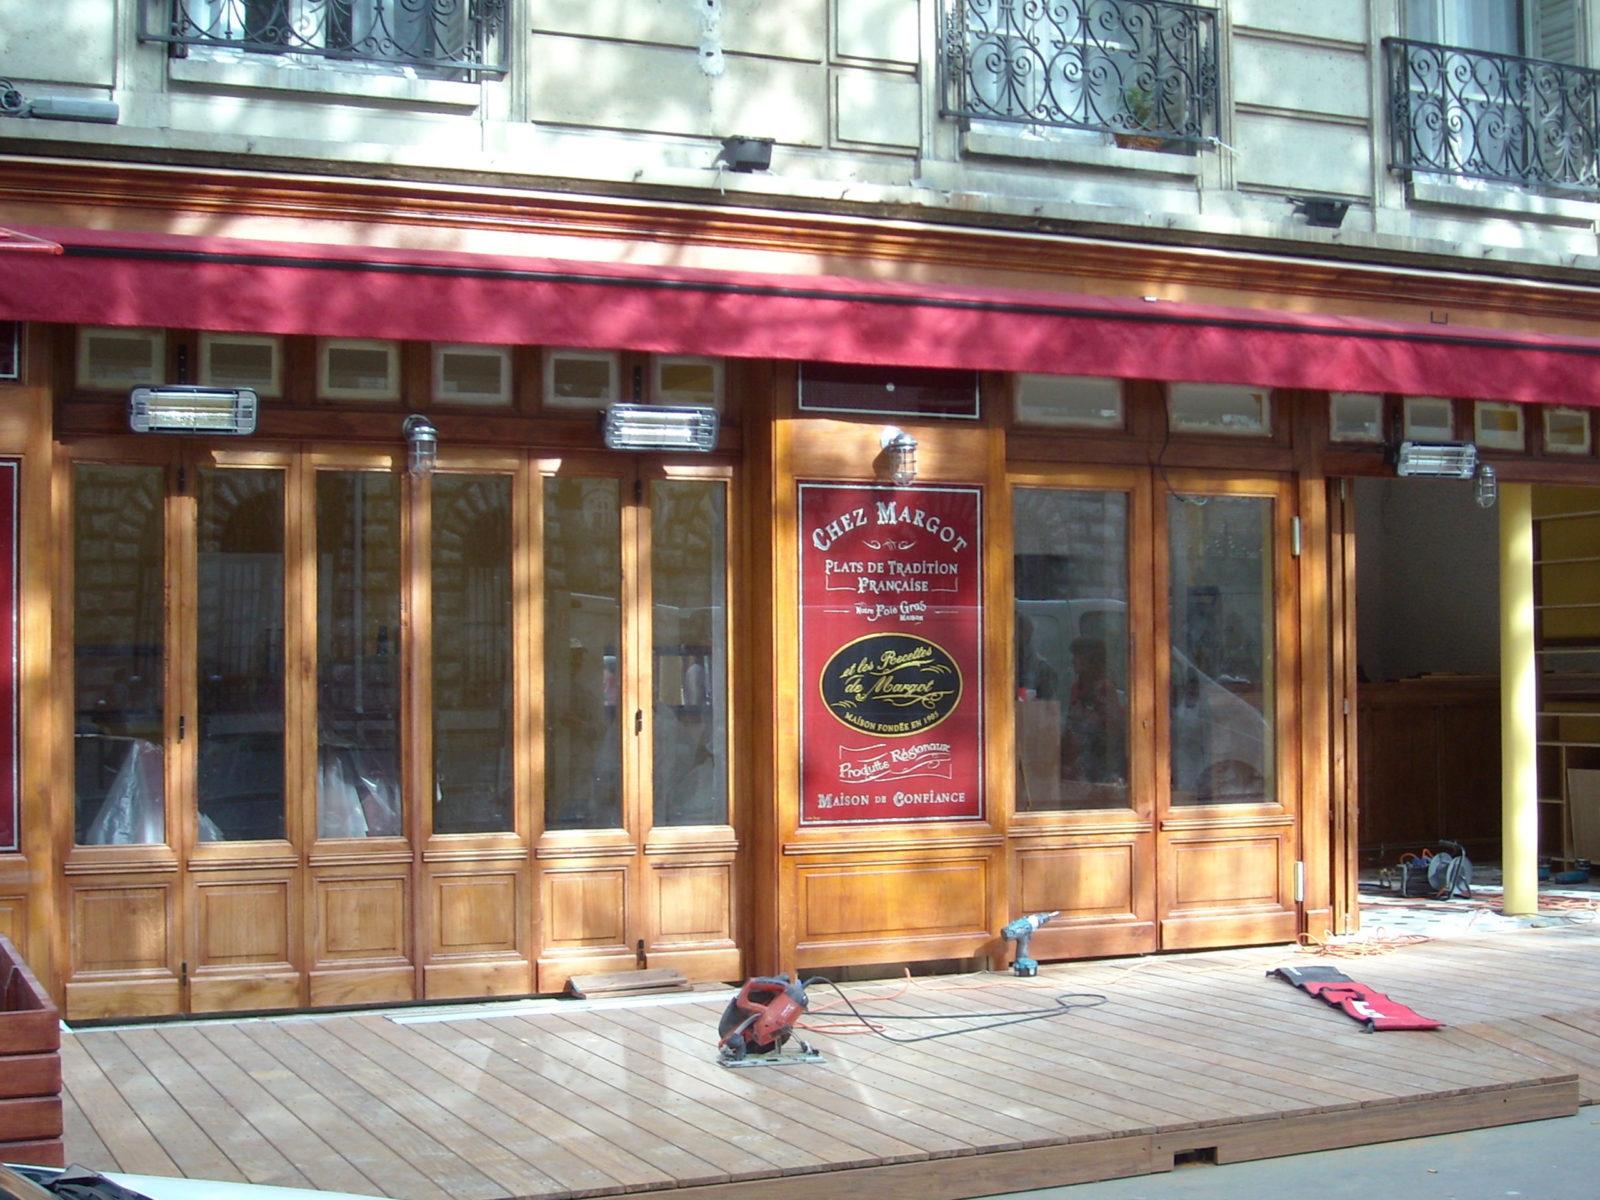 La Guéronnière Renovation Facade Boutique Bois Paris 1 1